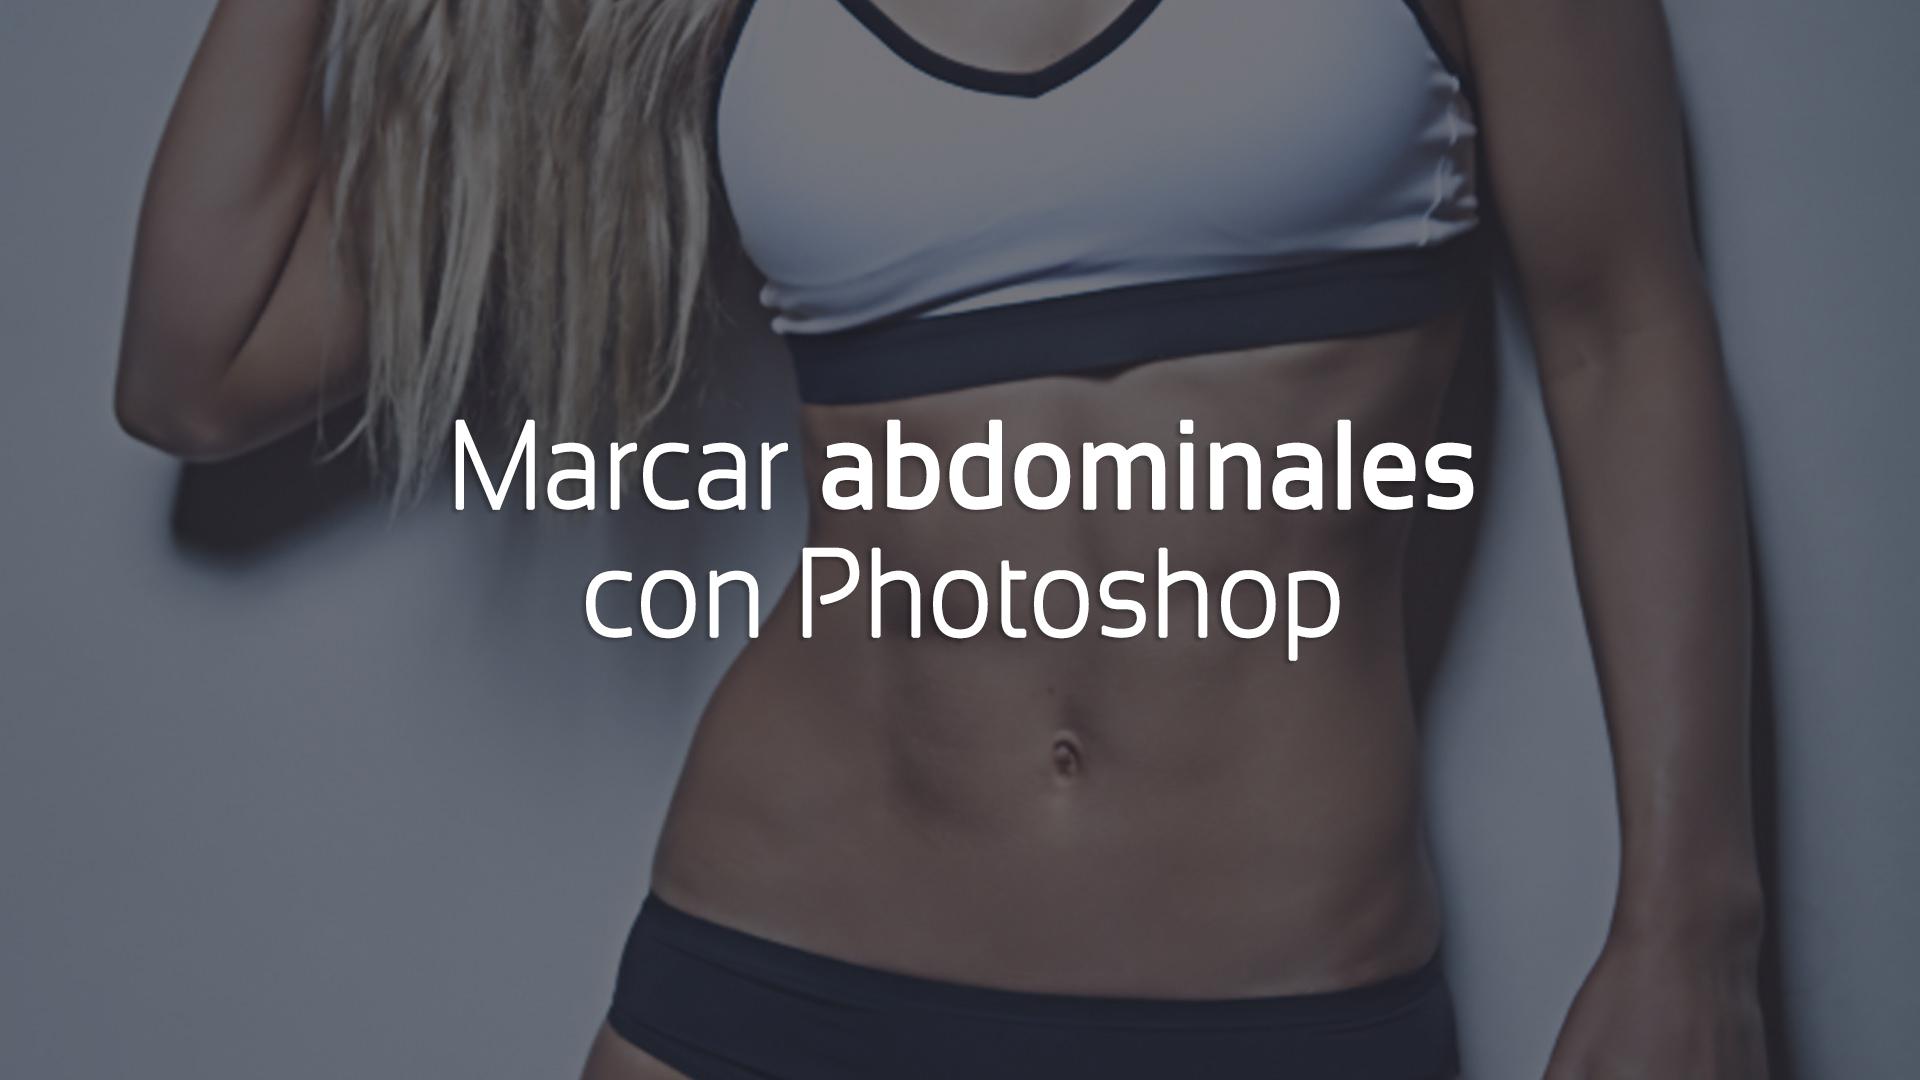 marcar abdominales con photoshop cover